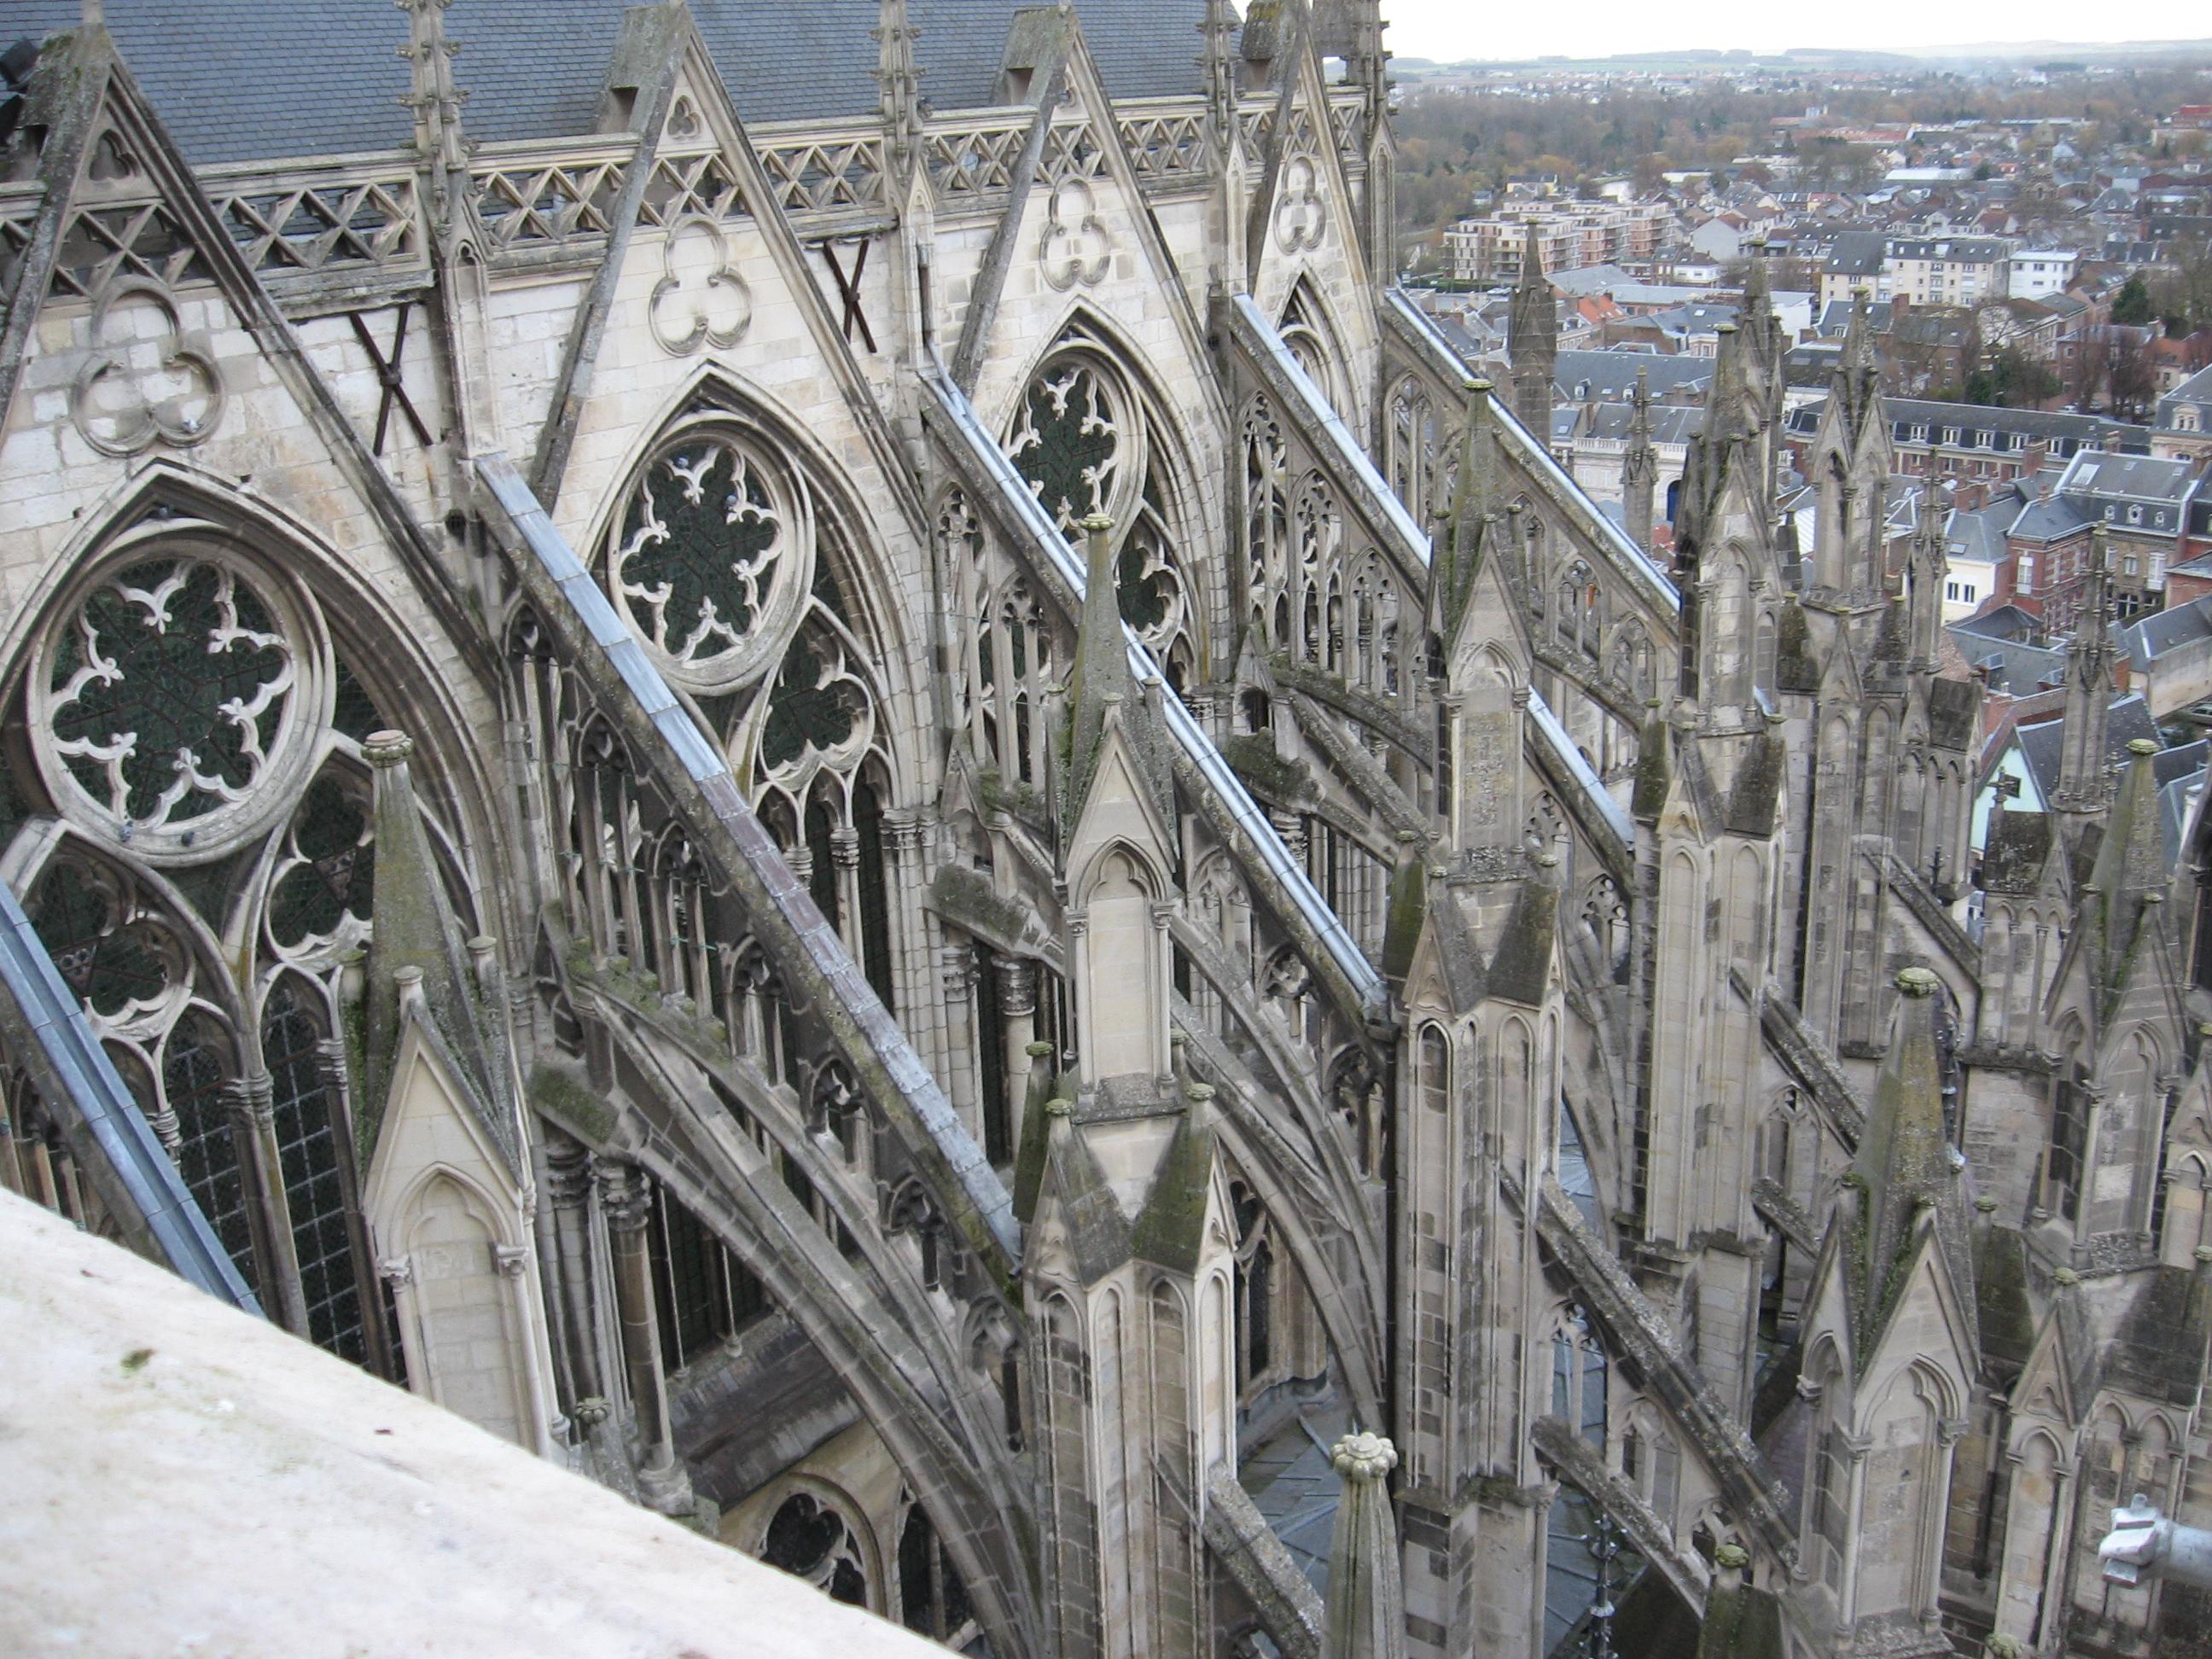 [Image: Amiens_Cath%C3%A9drale_Notre-dame_arc-bo...-est_4.jpg]